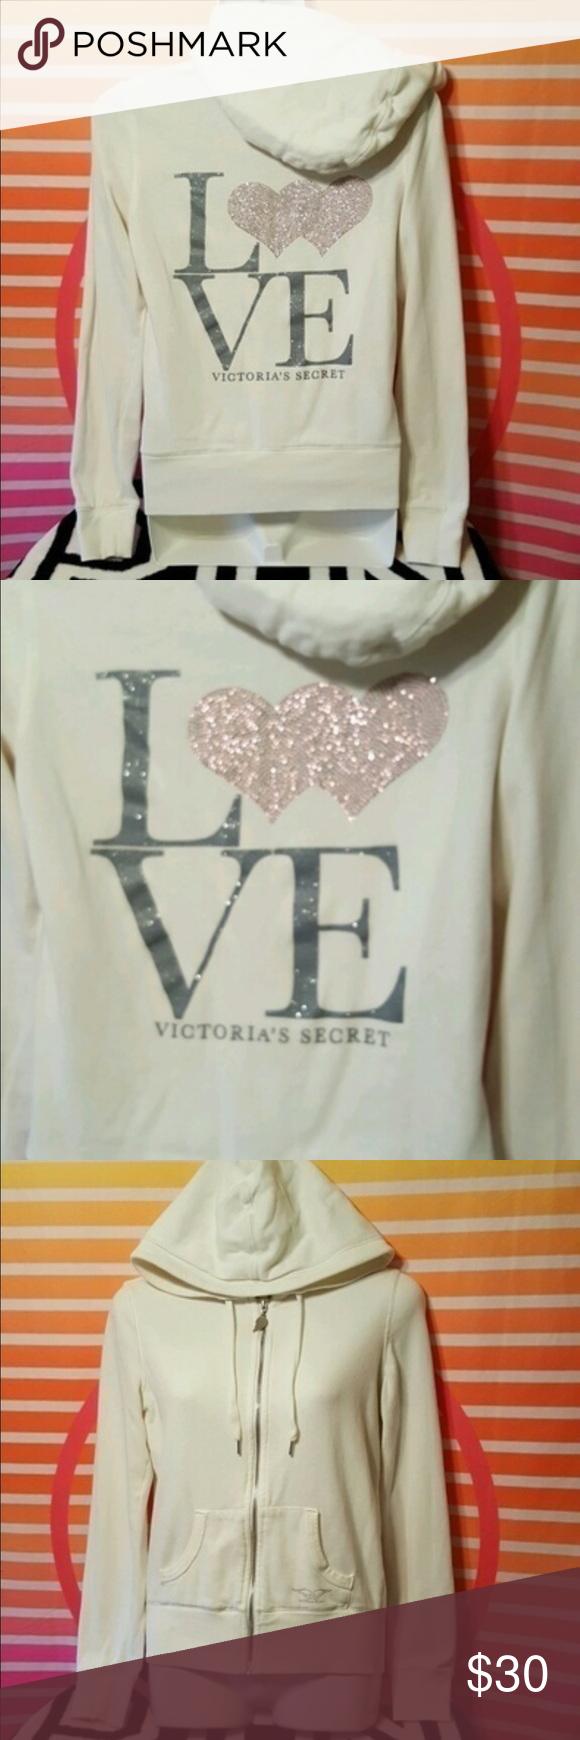 Vs pink sweatshirt Great condition size XS PINK Victoria's Secret Tops Sweatshirts & Hoodies